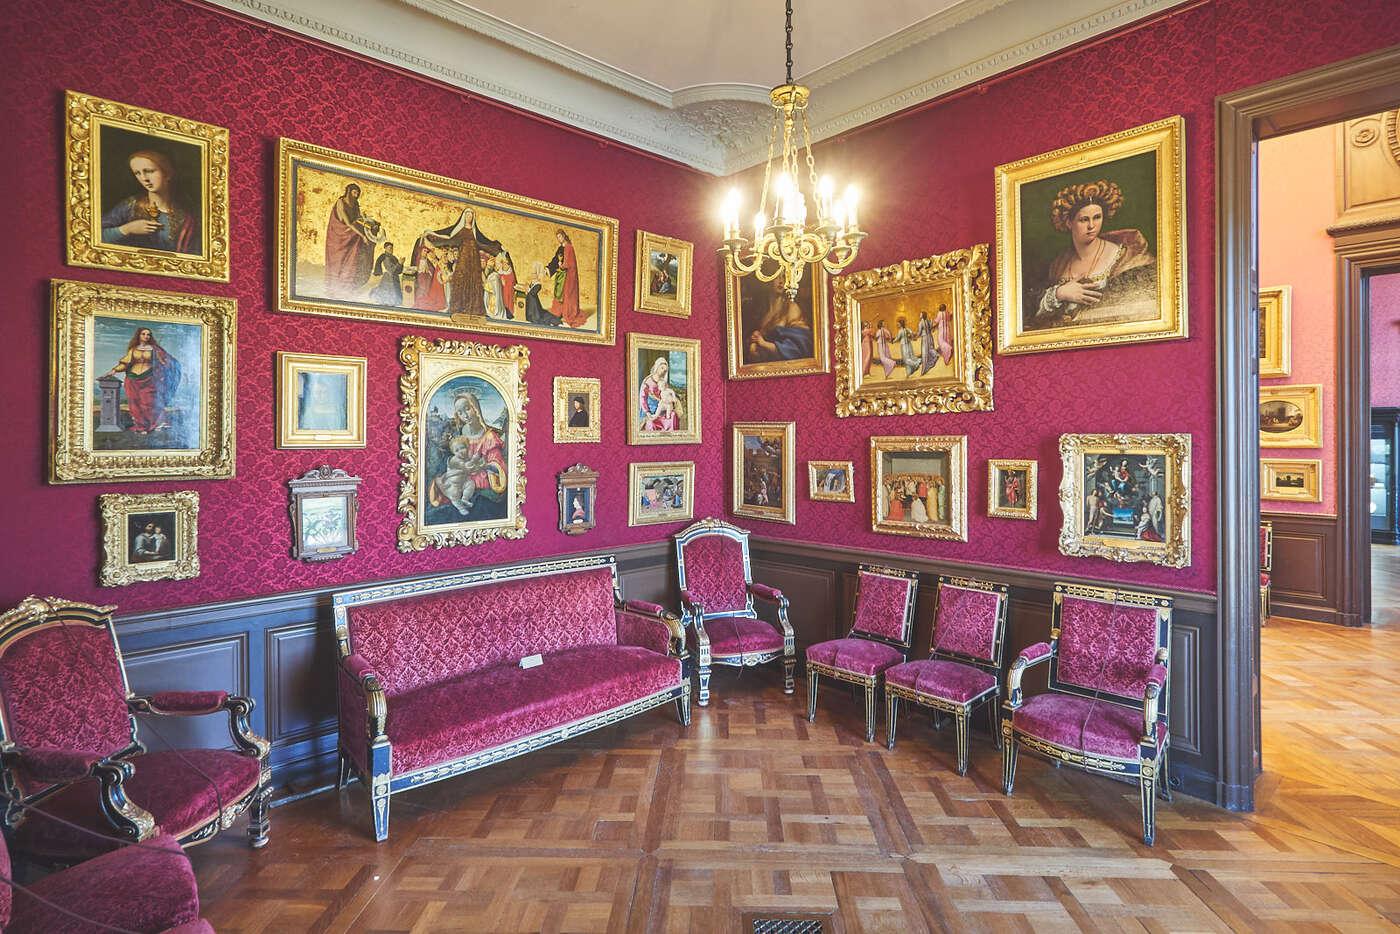 Le Cabinet des Clouet du château de Chantilly